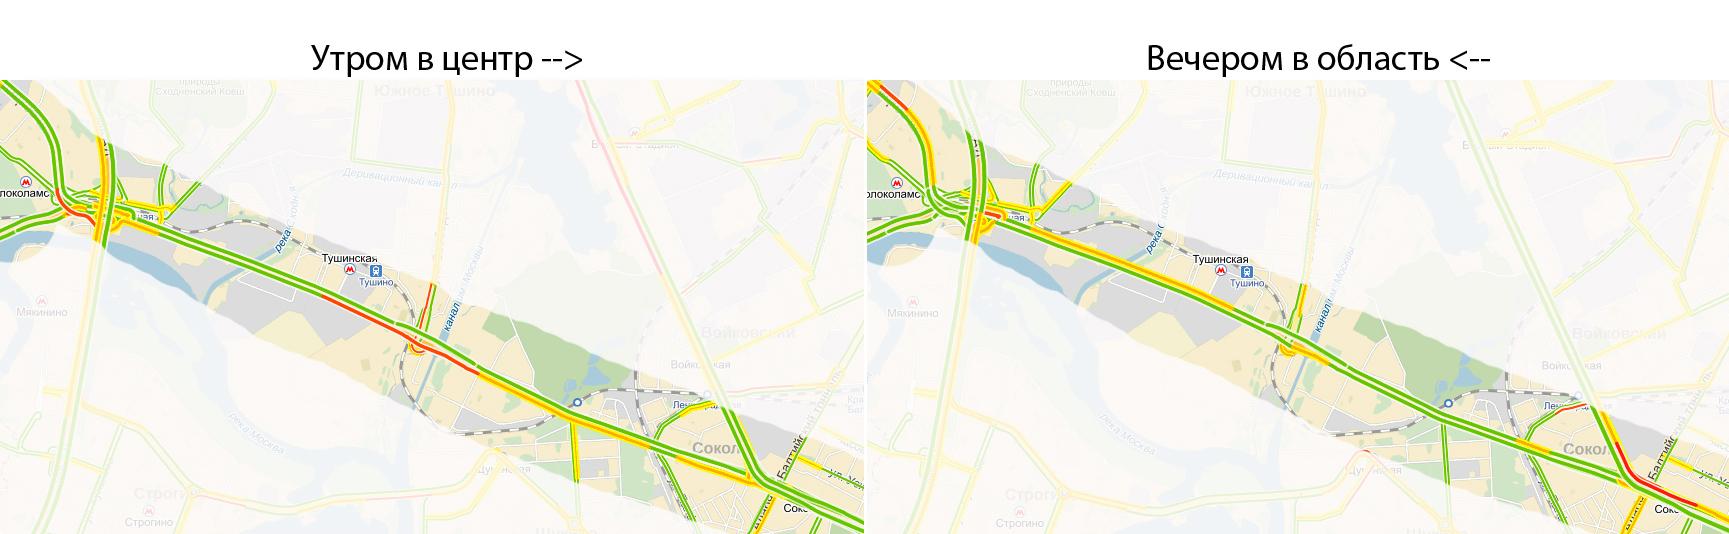 Реконструкция новорижского шоссе схема фото 430